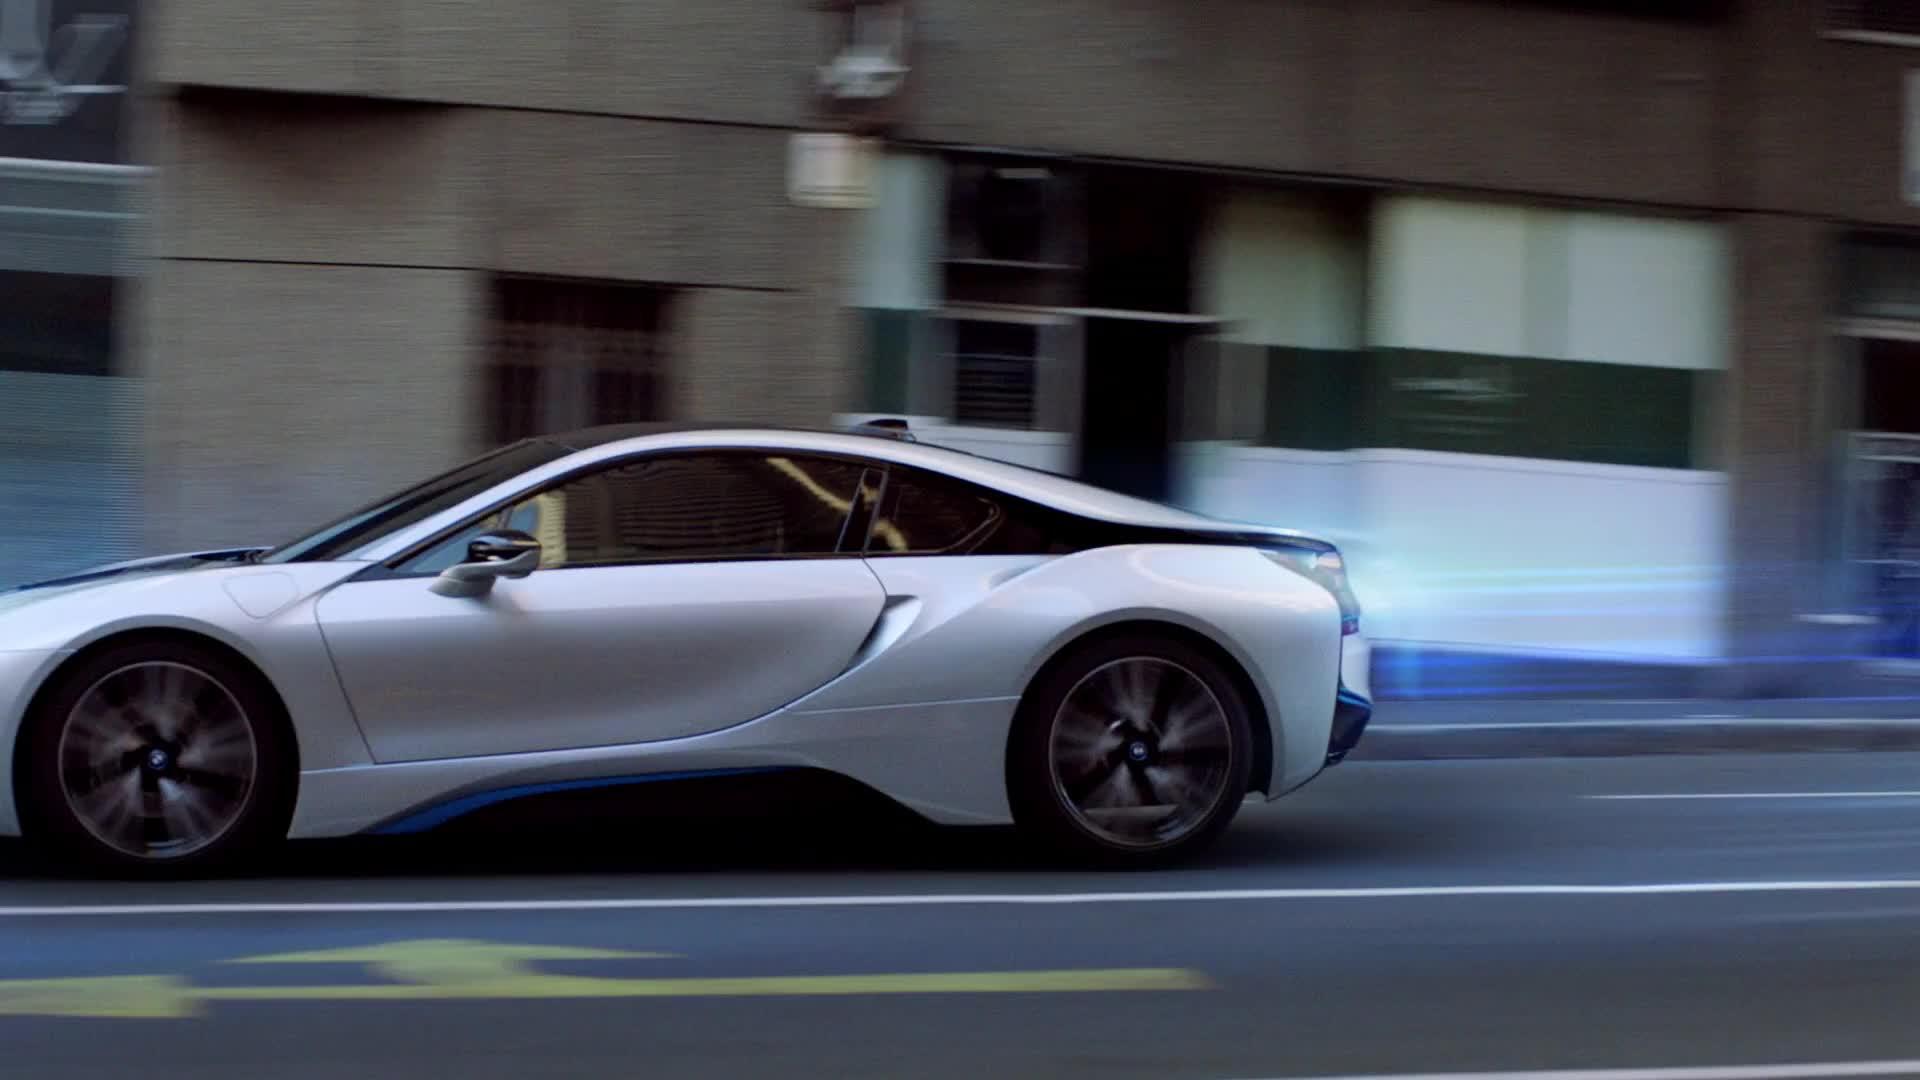 BMW Hybrid Video Watch at Y8